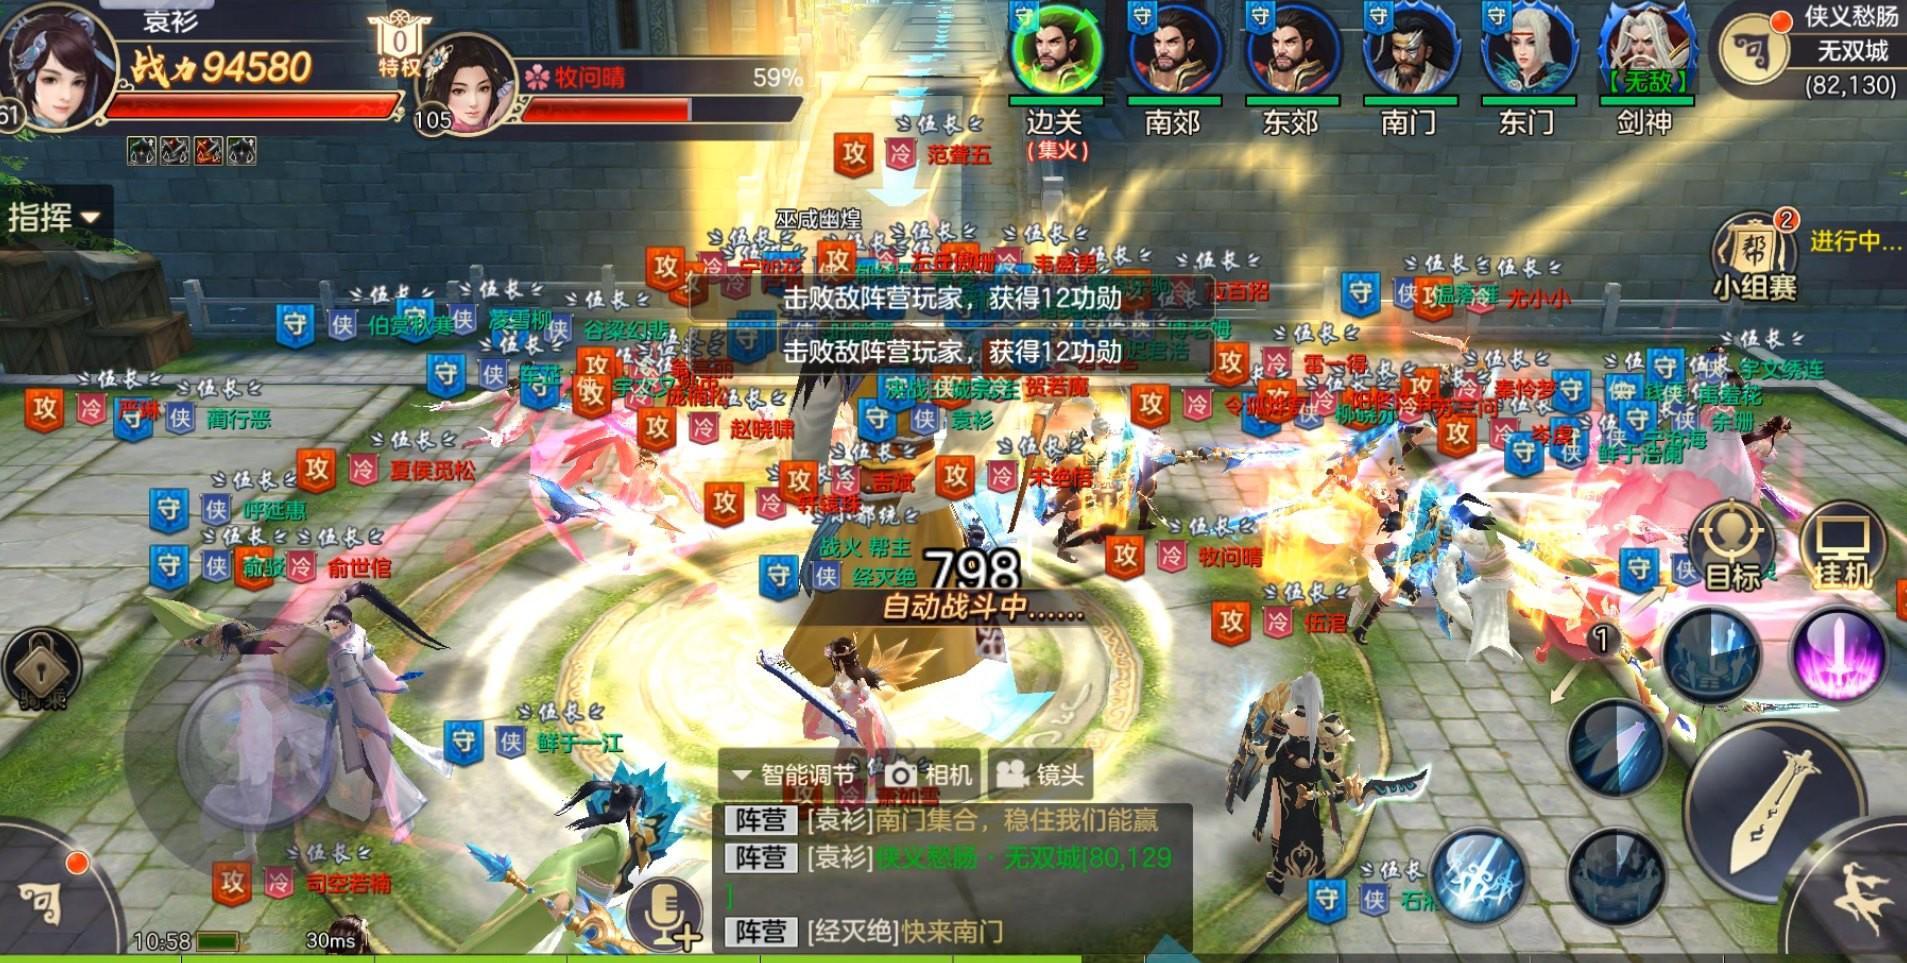 Tiêu Dao Mobile hé lộ Siêu chiến trường Tống – Kim – Liêu – Đại Lý - 3